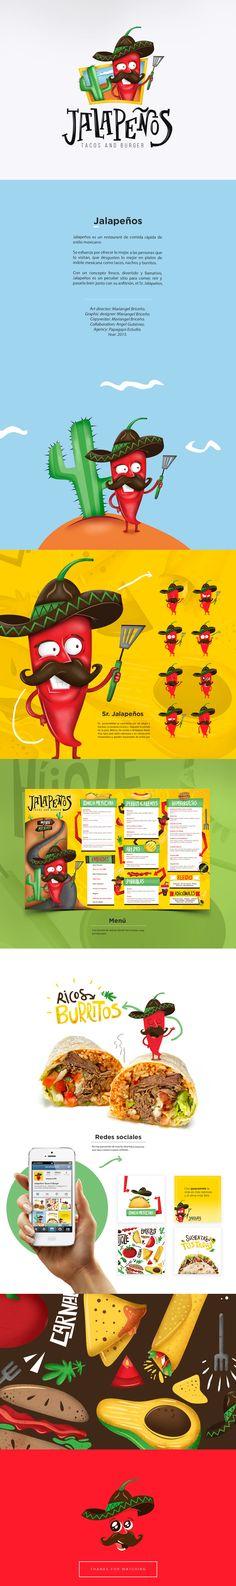 Jalapeños es un restaurant de comida rápida de estilo mexicano.Se esfuerza por ofrecer lo mejor a las personas que lo visitan, que desgusten lo mejor en platos de índole mexicana como tacos, nachos y burritos.Con un concepto fresco, divertido y llamat…